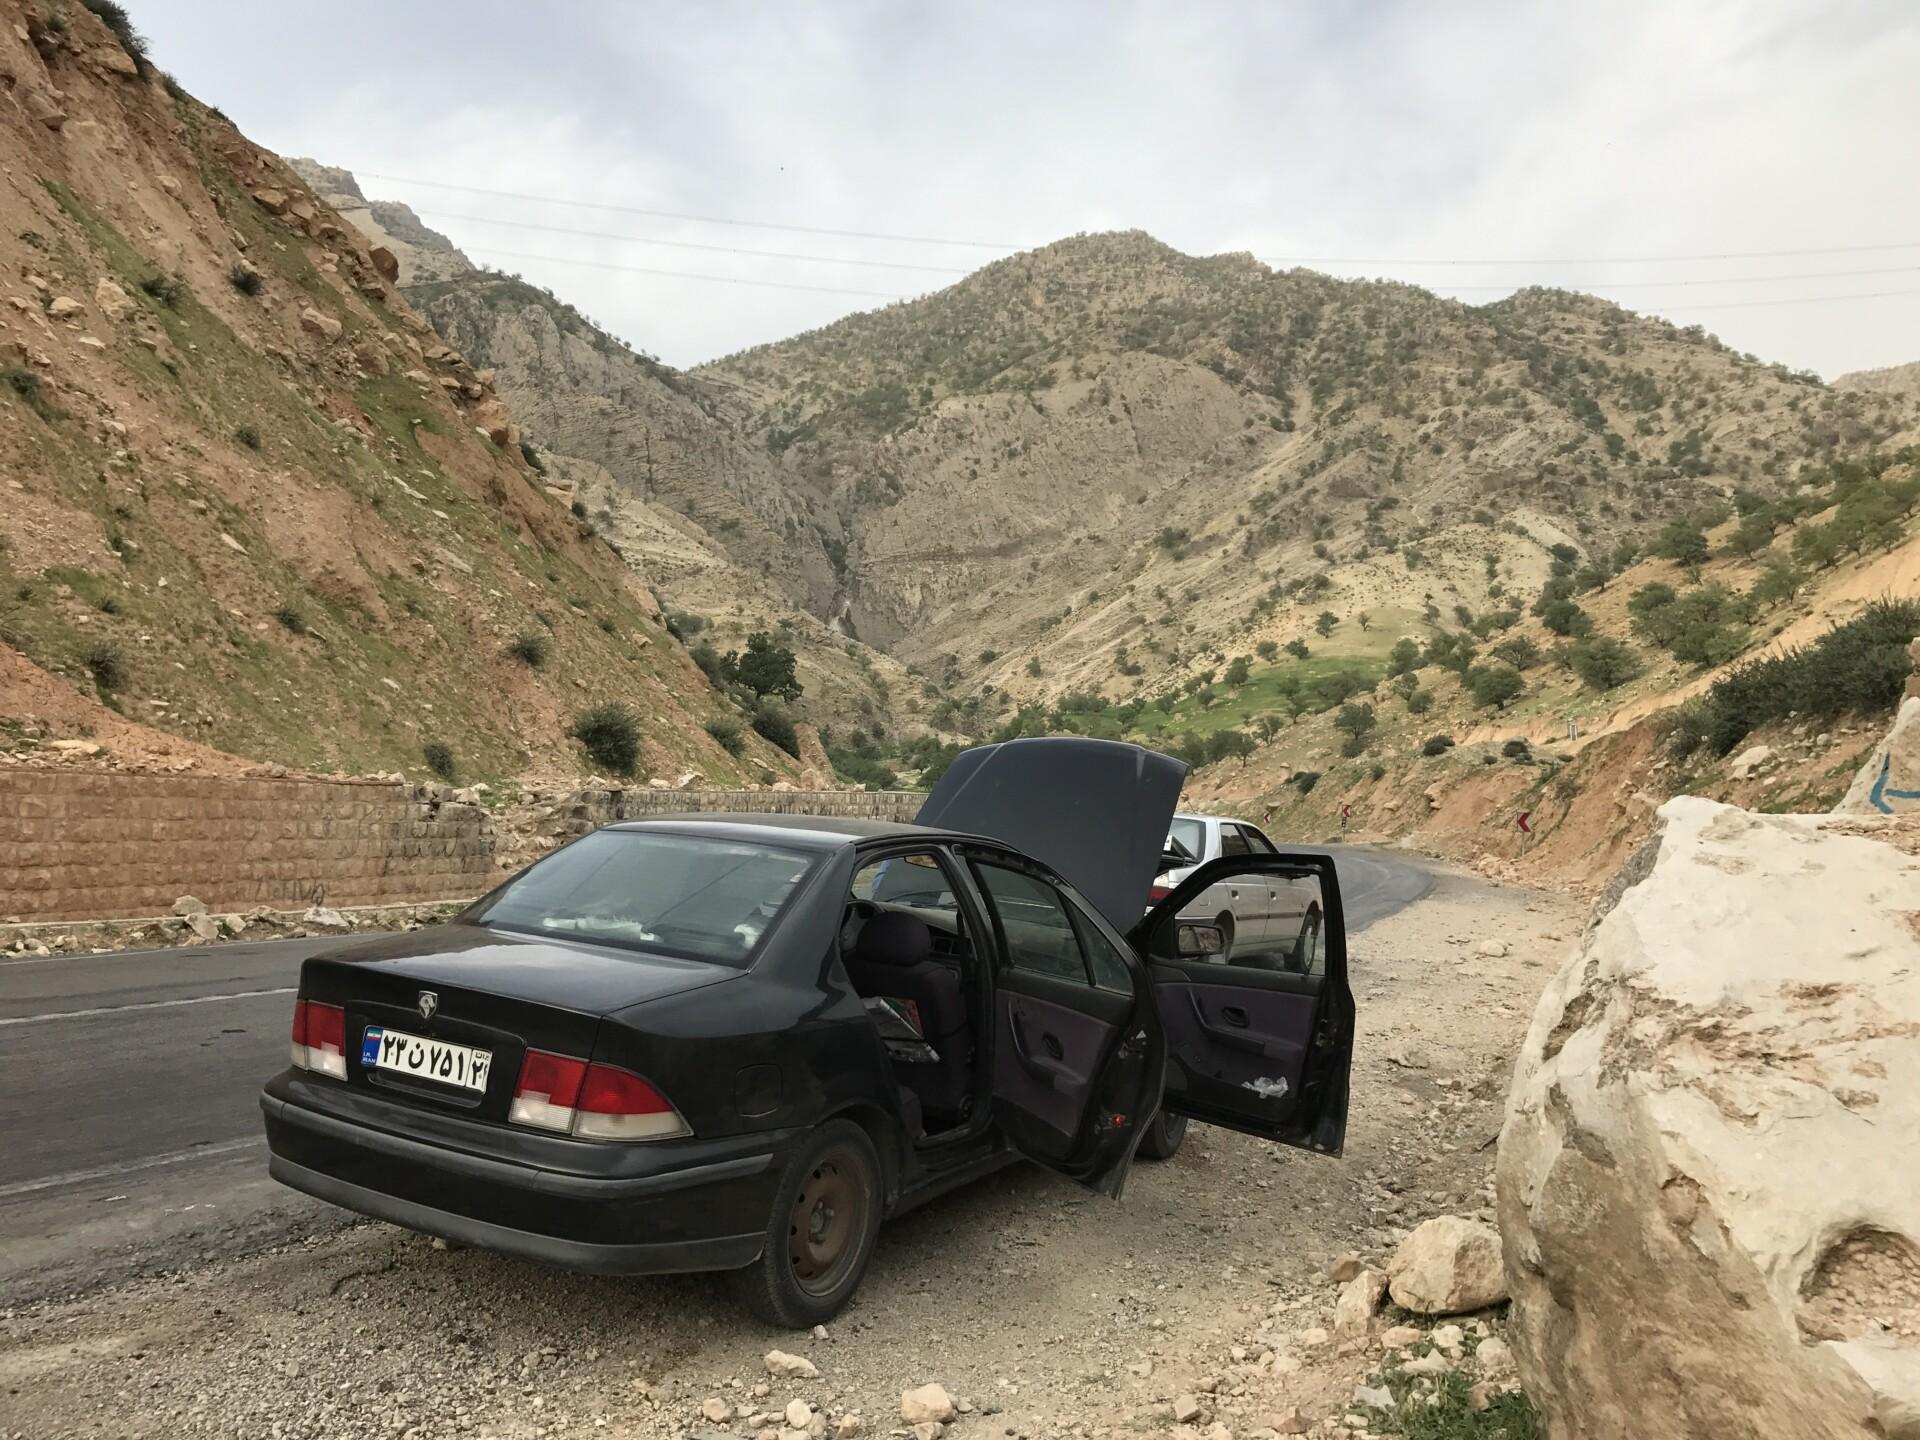 Hvad sker der, når ens bil bryder sammen i ingenmandsland i Iran